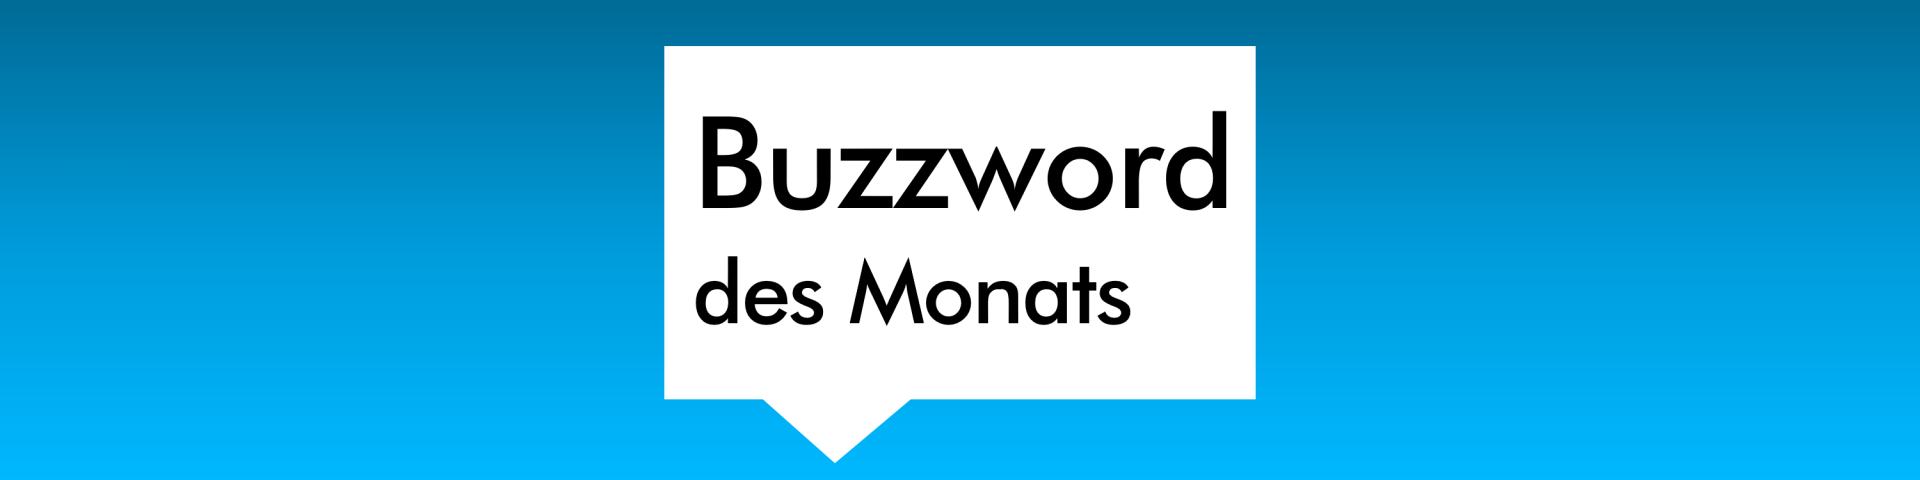 Titelbild für die Kategorie Buzzword des Monats